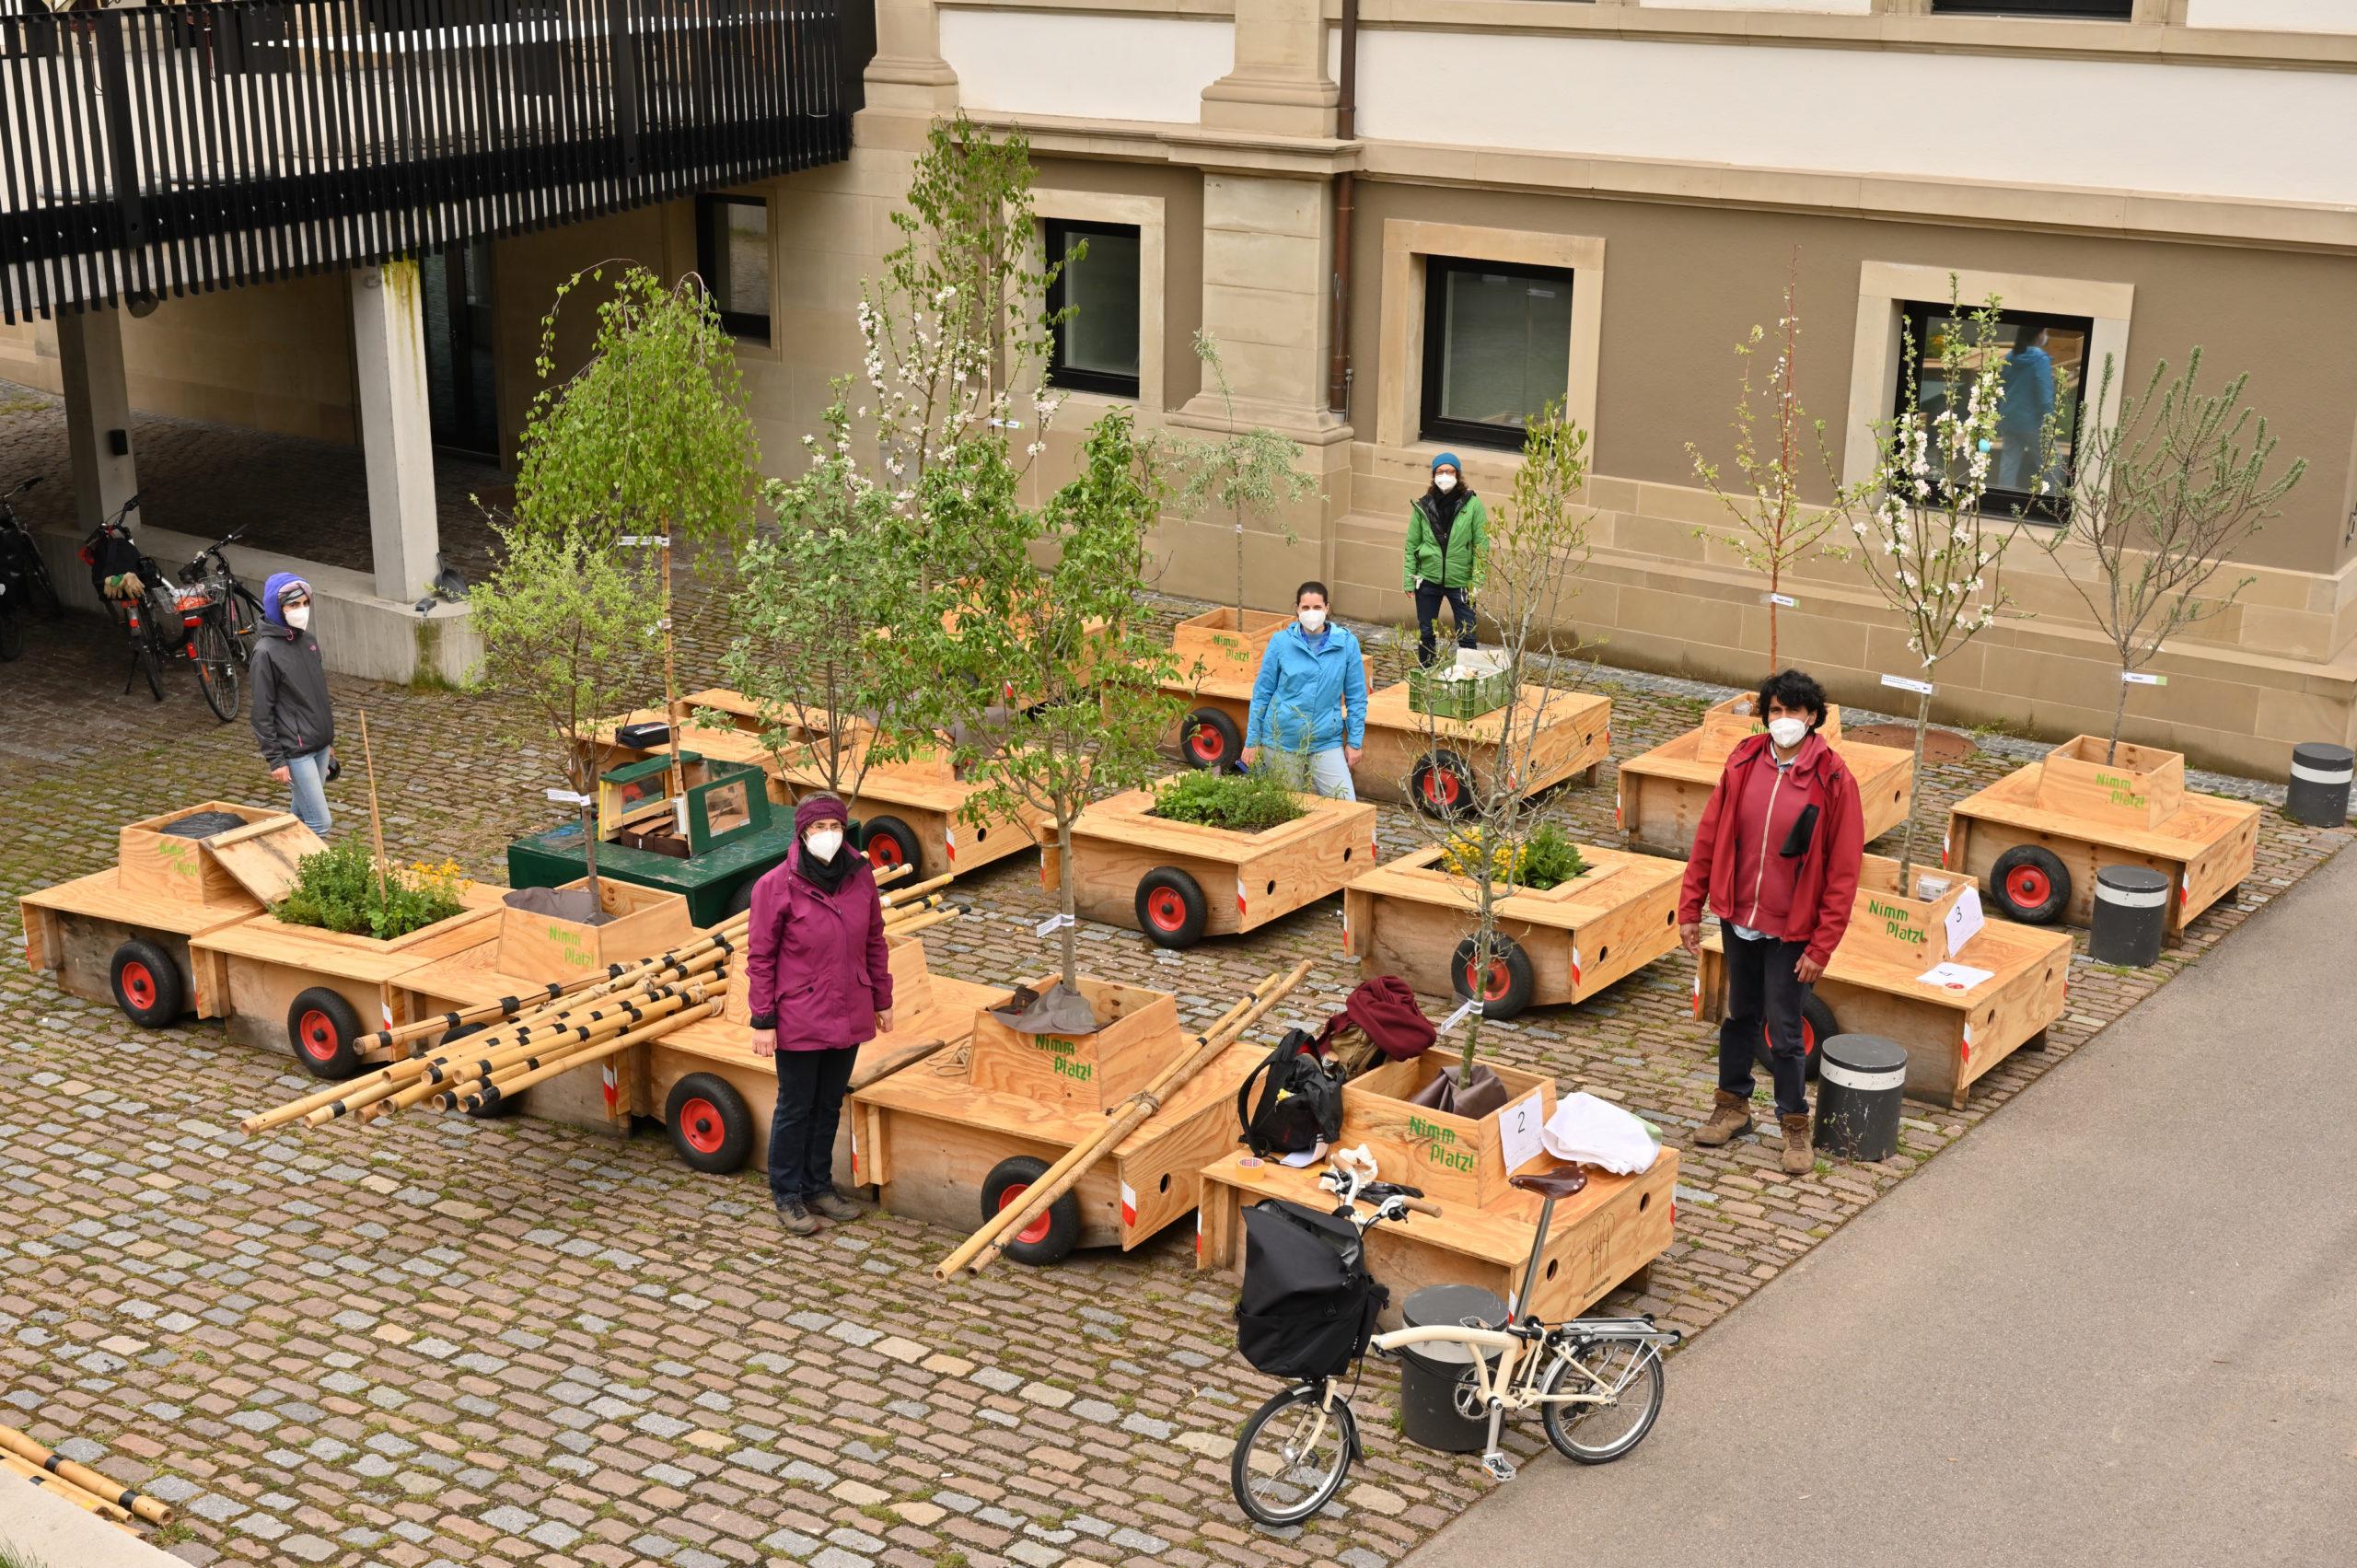 Wanderbaumallee Stuttgart 2021: Wanderung Stadtpalais - Haußmannstraße